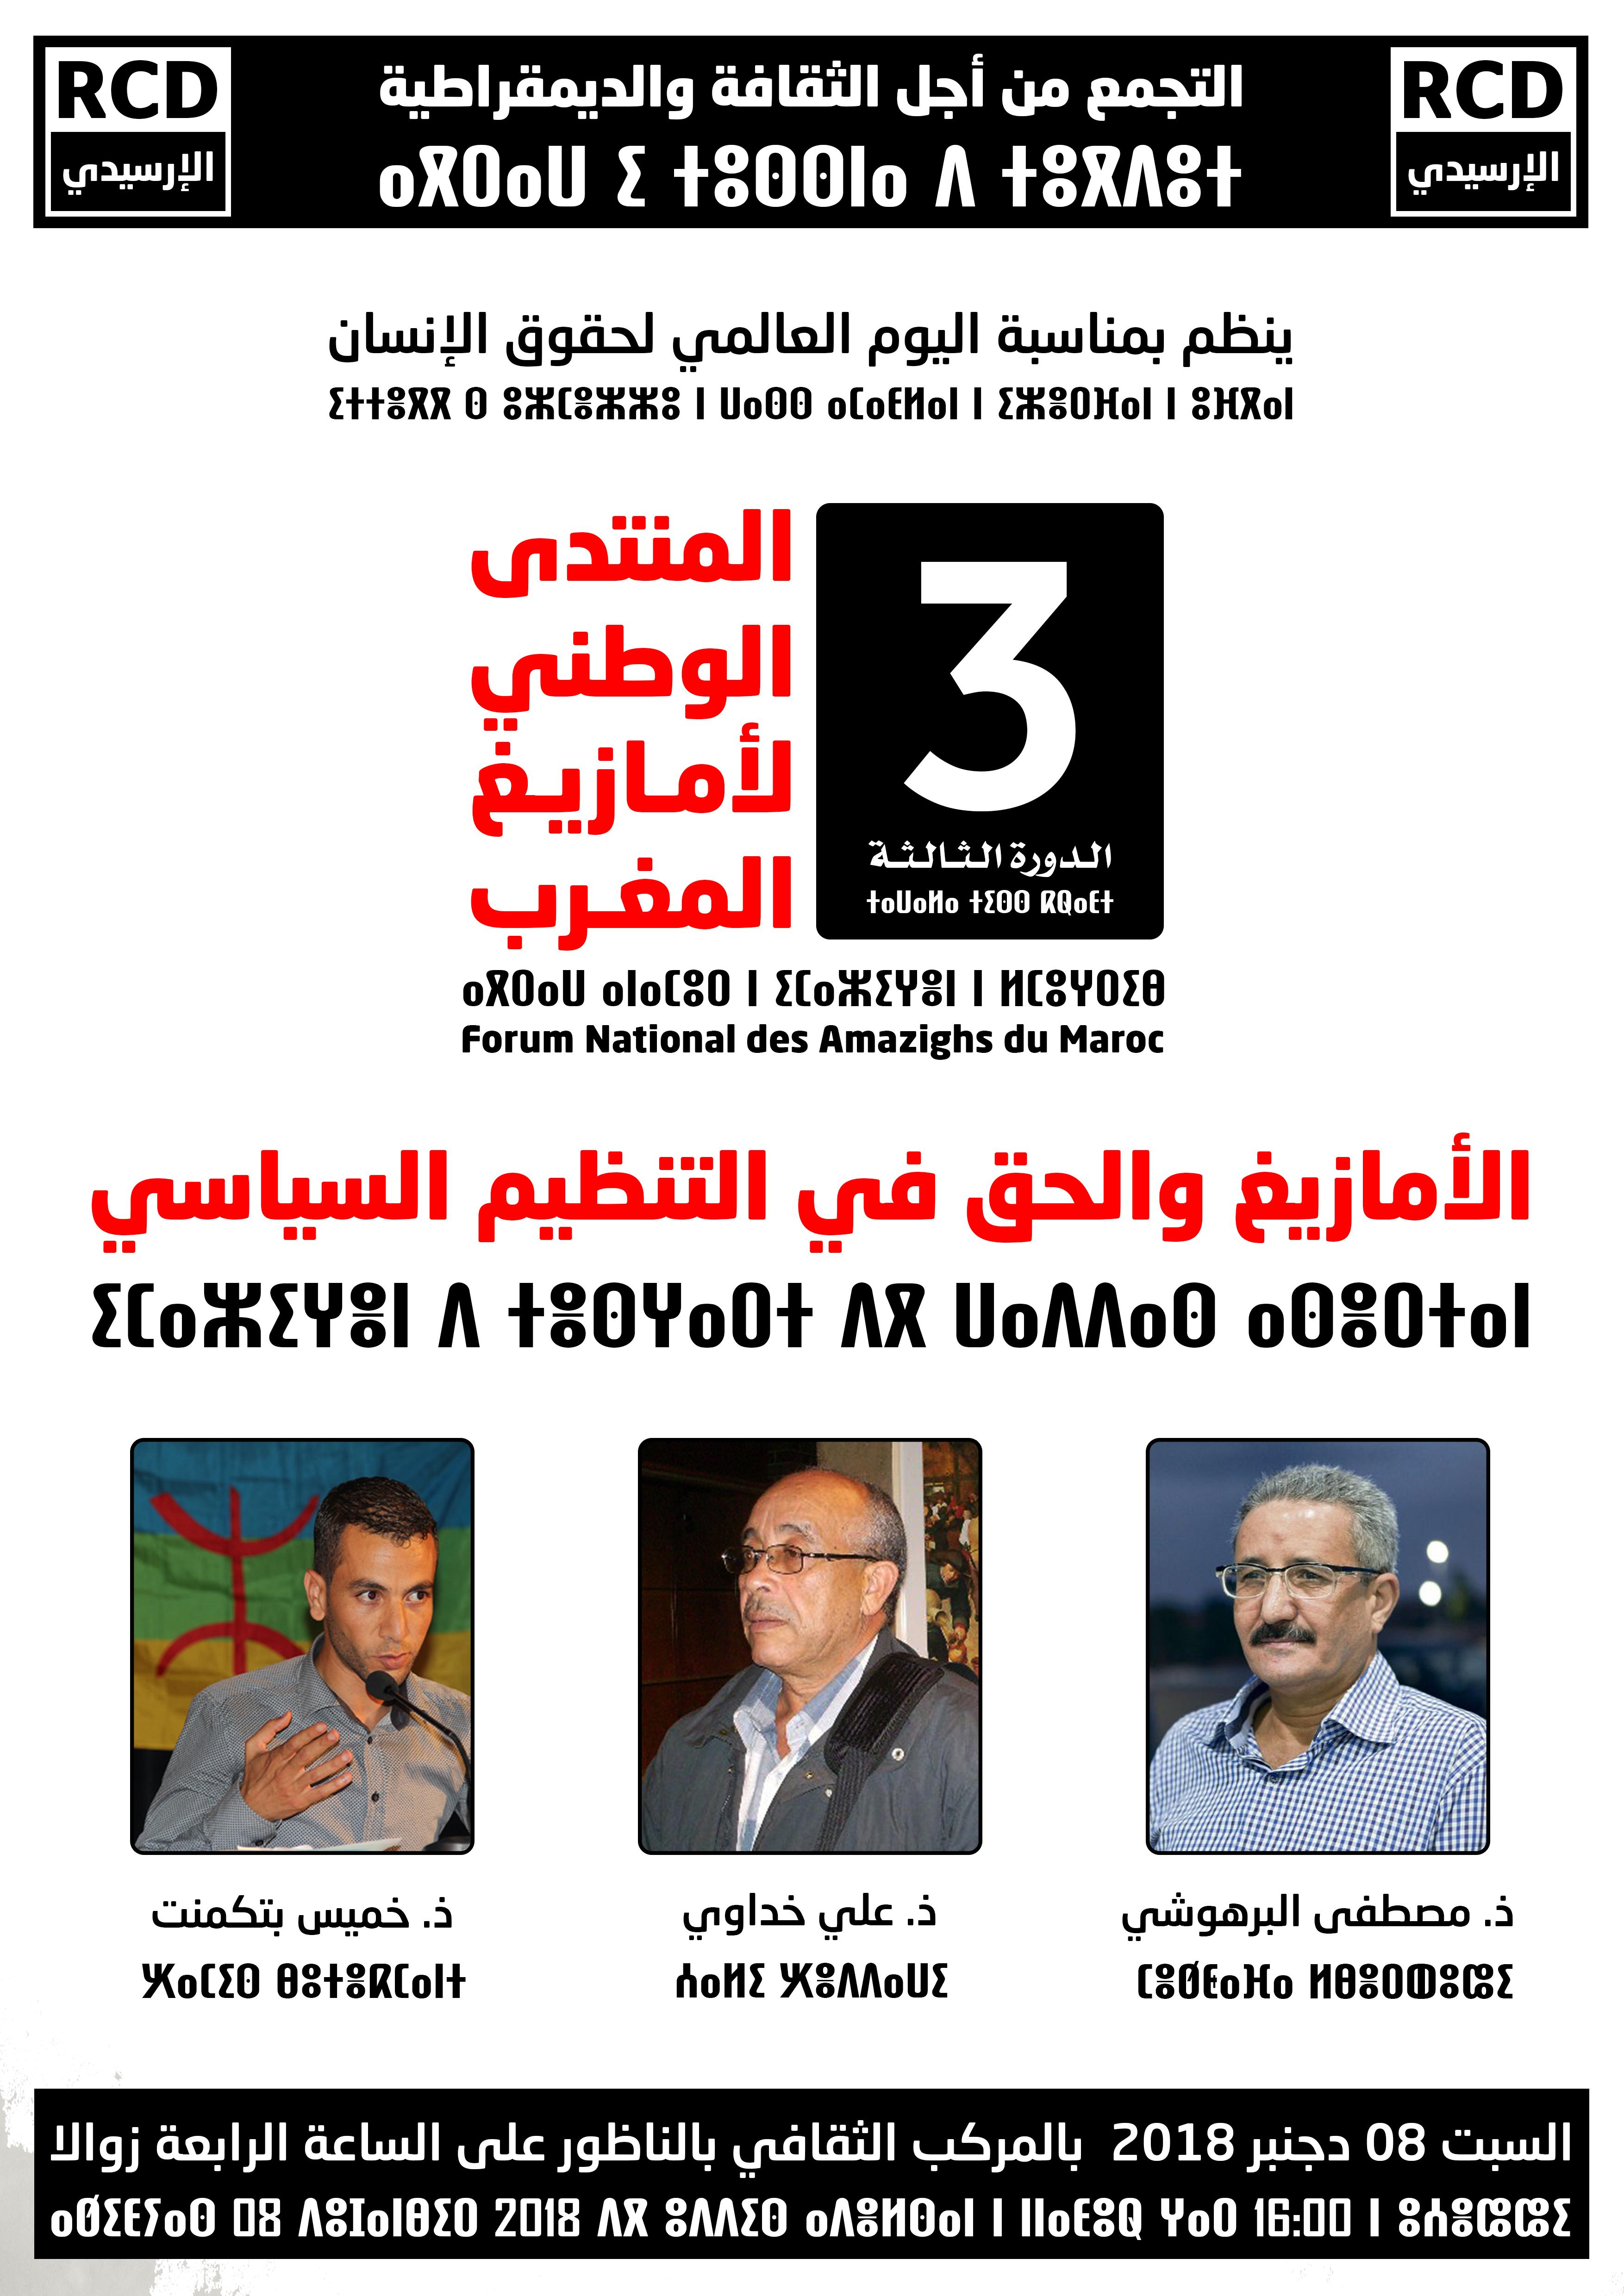 """""""الأمازيغ والحق في التنظيم السياسي""""  شعار الدورة الثالثة للمنتدى الوطني لأمازيغ المغرب"""